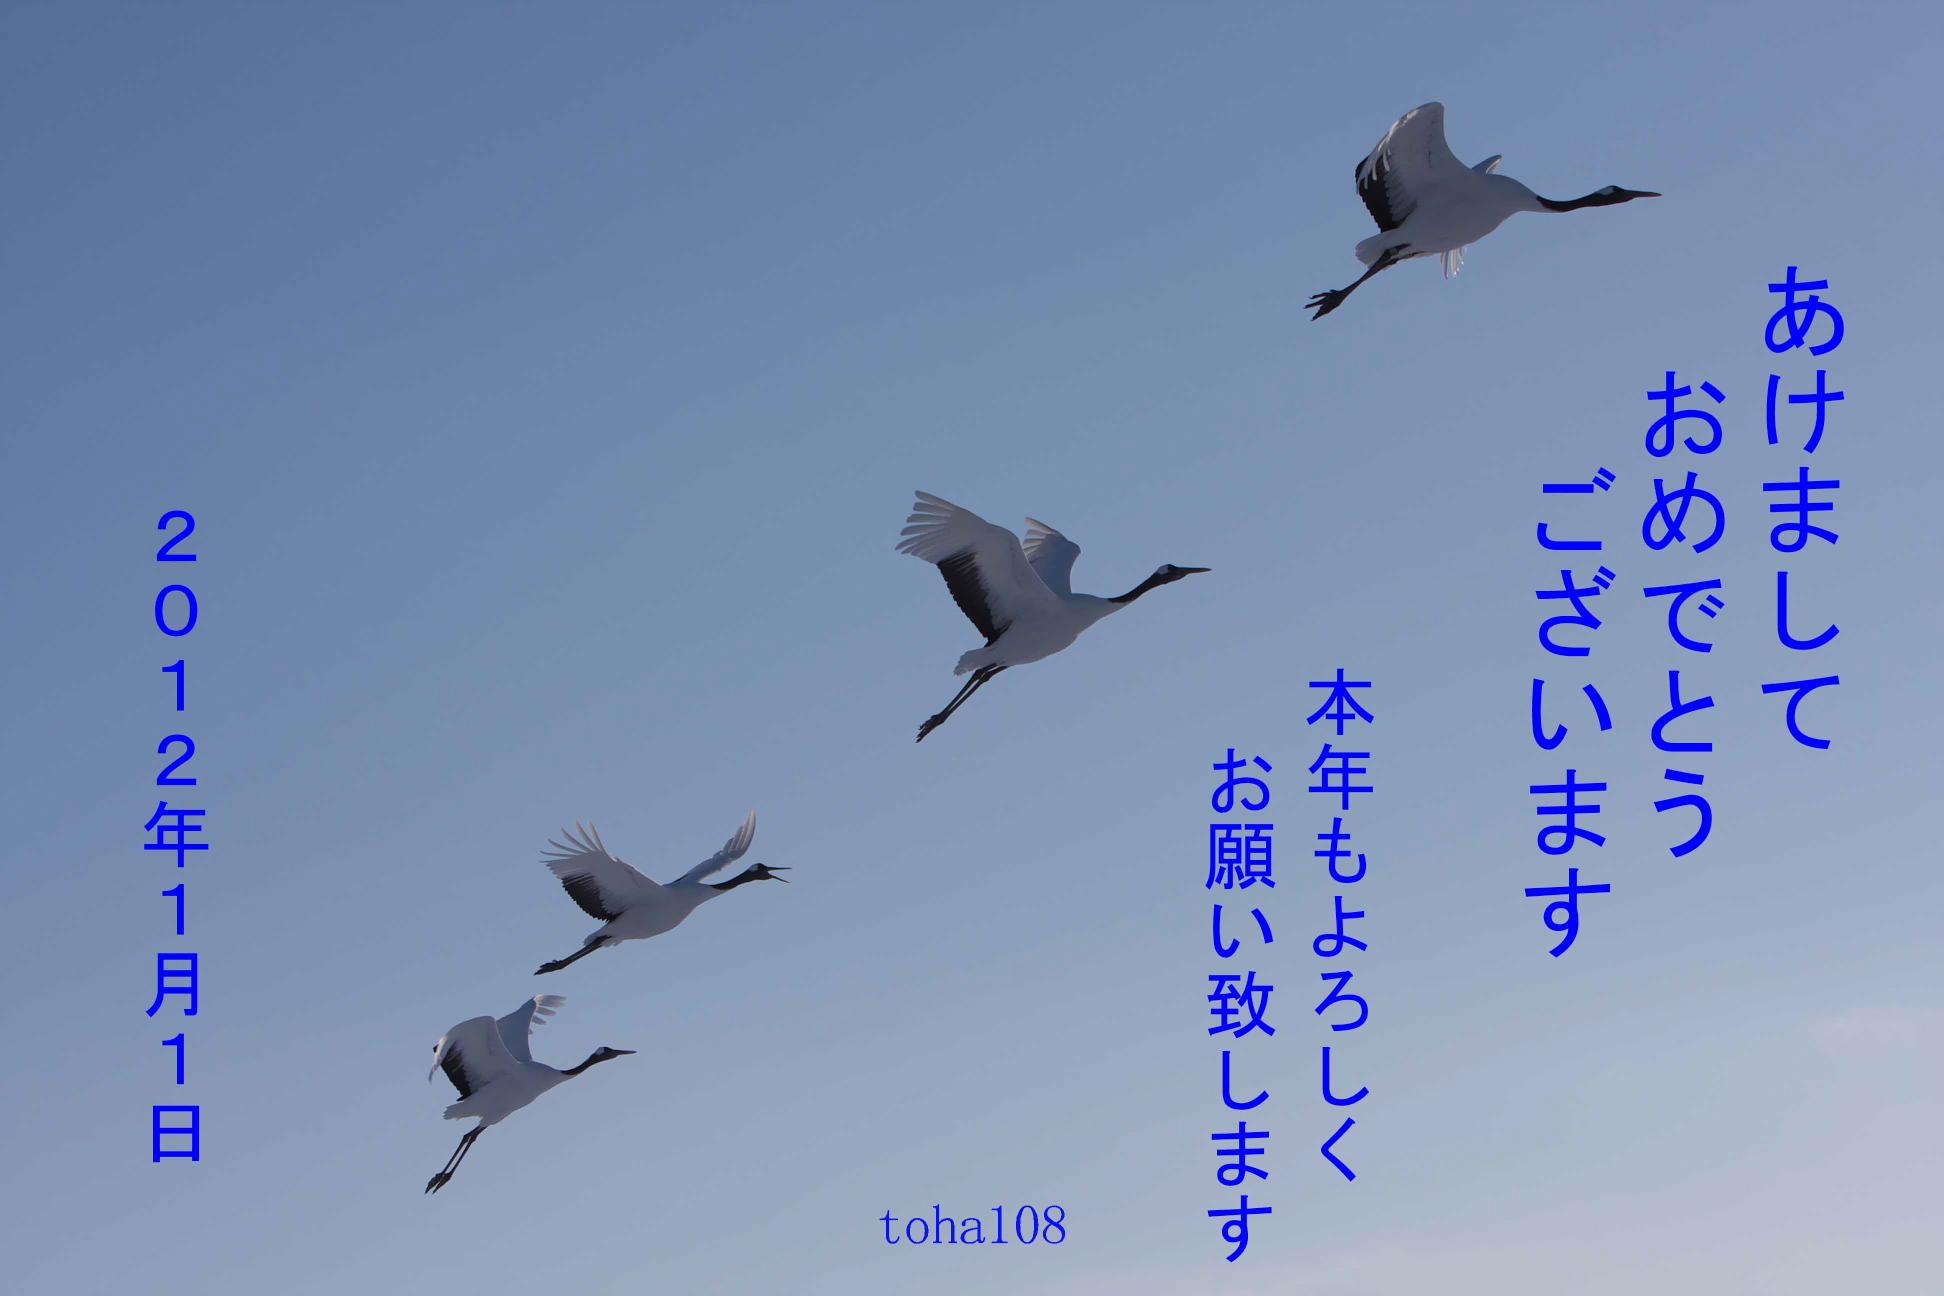 f0010298_16578.jpg